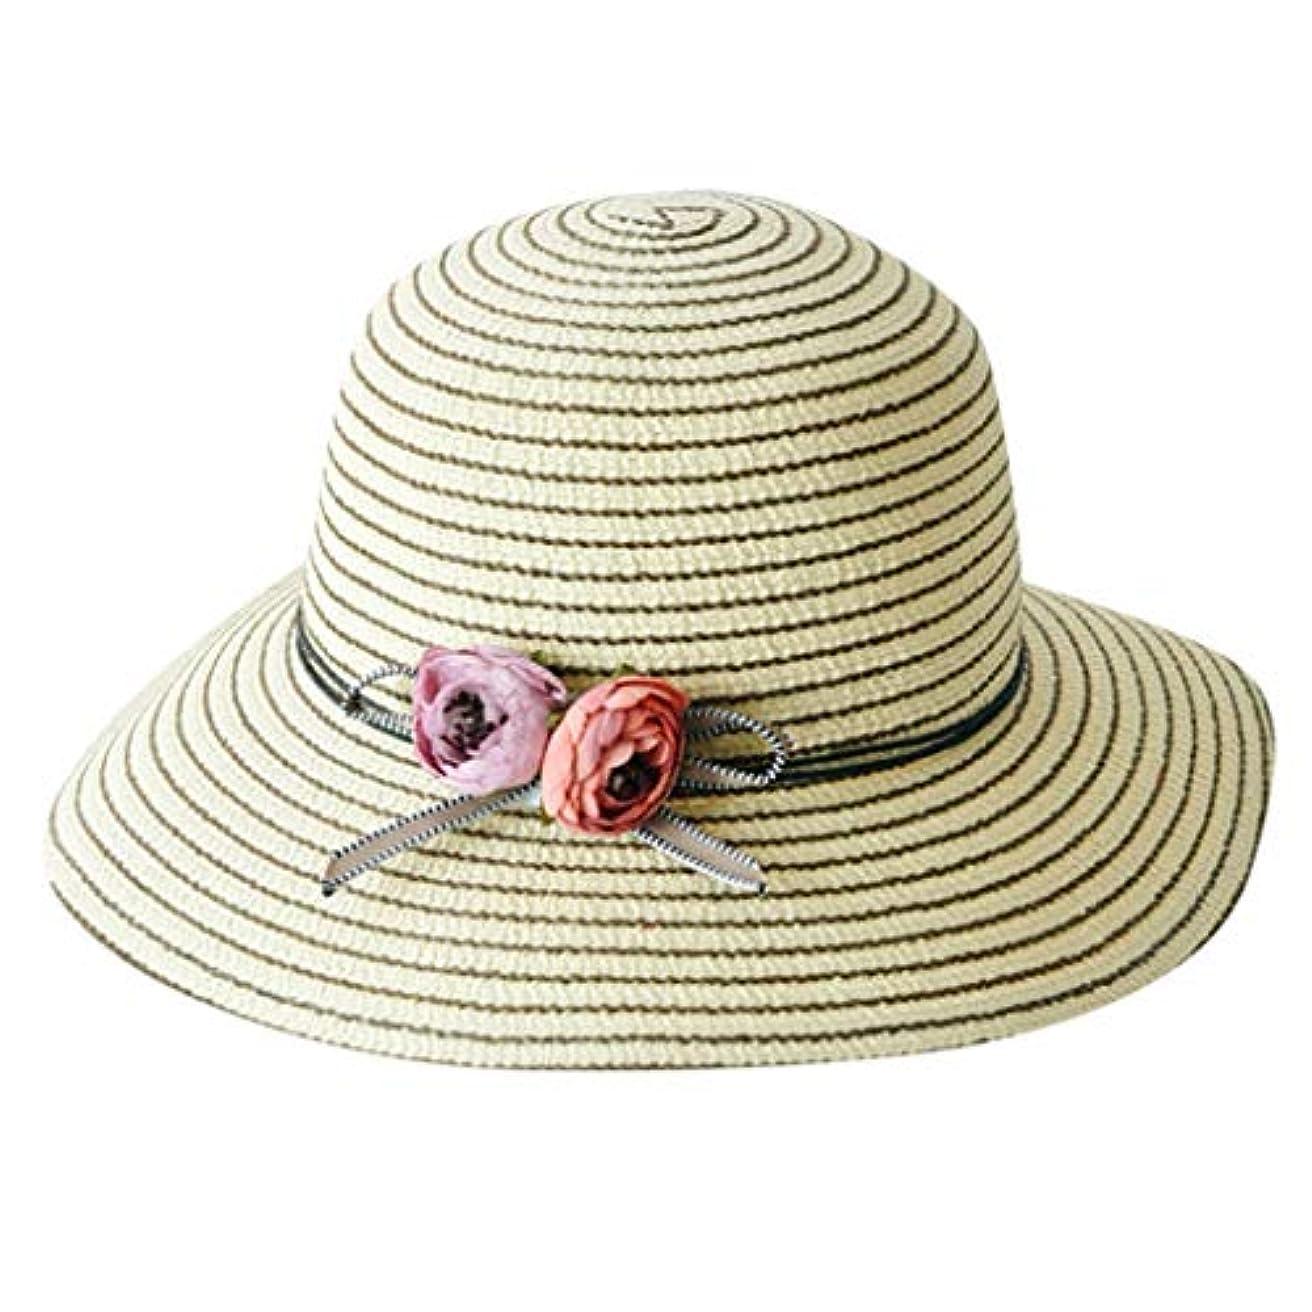 加入一方、帽子 レディース 漁師帽 夏 UVカット 帽子 綿糸 ハット レディース 紫外線100%カット UV ハット 可愛い 小顔効果抜群 日よけ 折りたたみ つば広 小顔効果抜群 折りたたみ 海 旅行 ROSE ROMAN